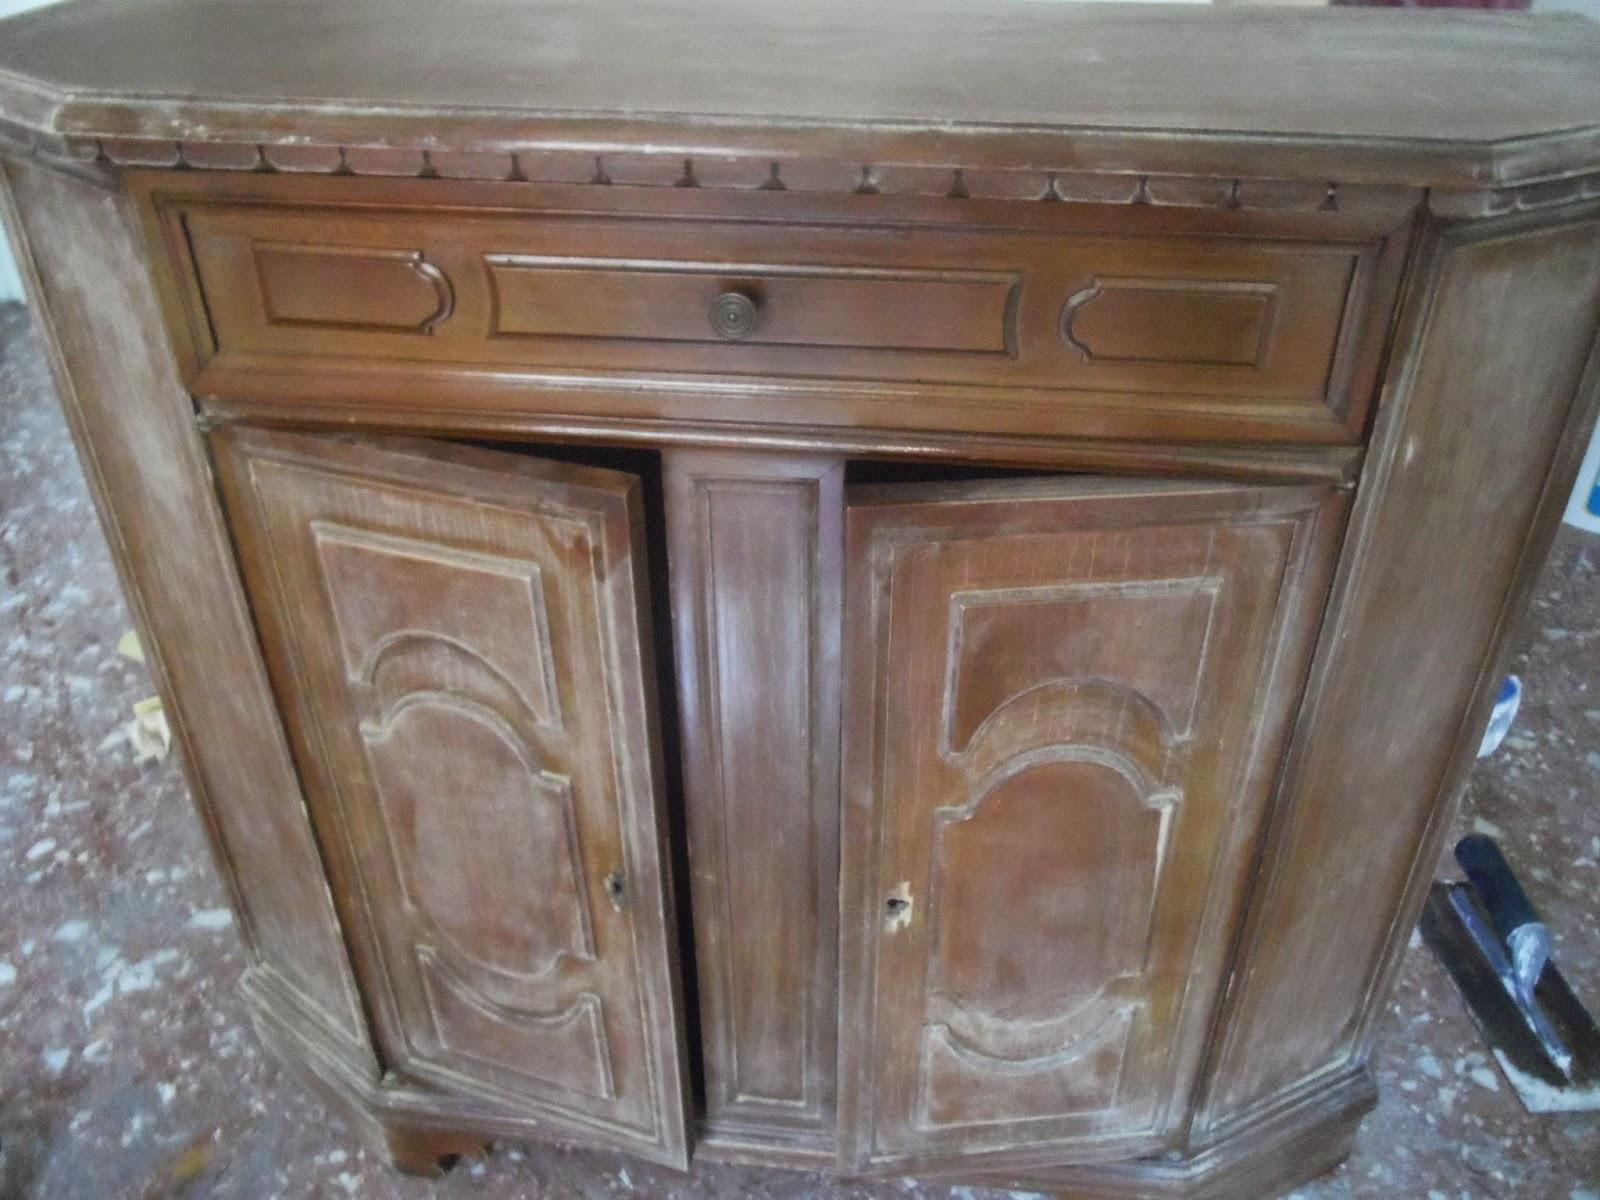 Il meglio di vintage come rinnovare l 39 arredamento in - Rinnovare mobili ...